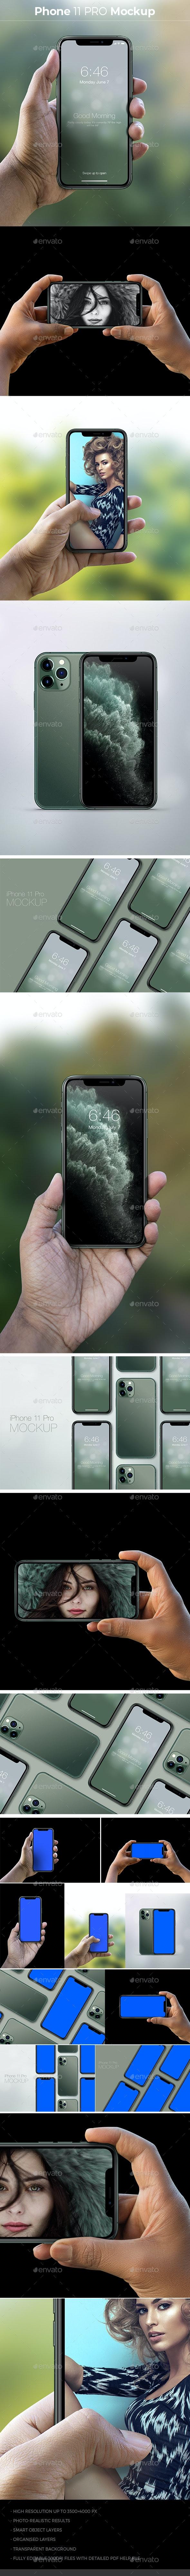 Phone 11 Mockup - Mobile Displays